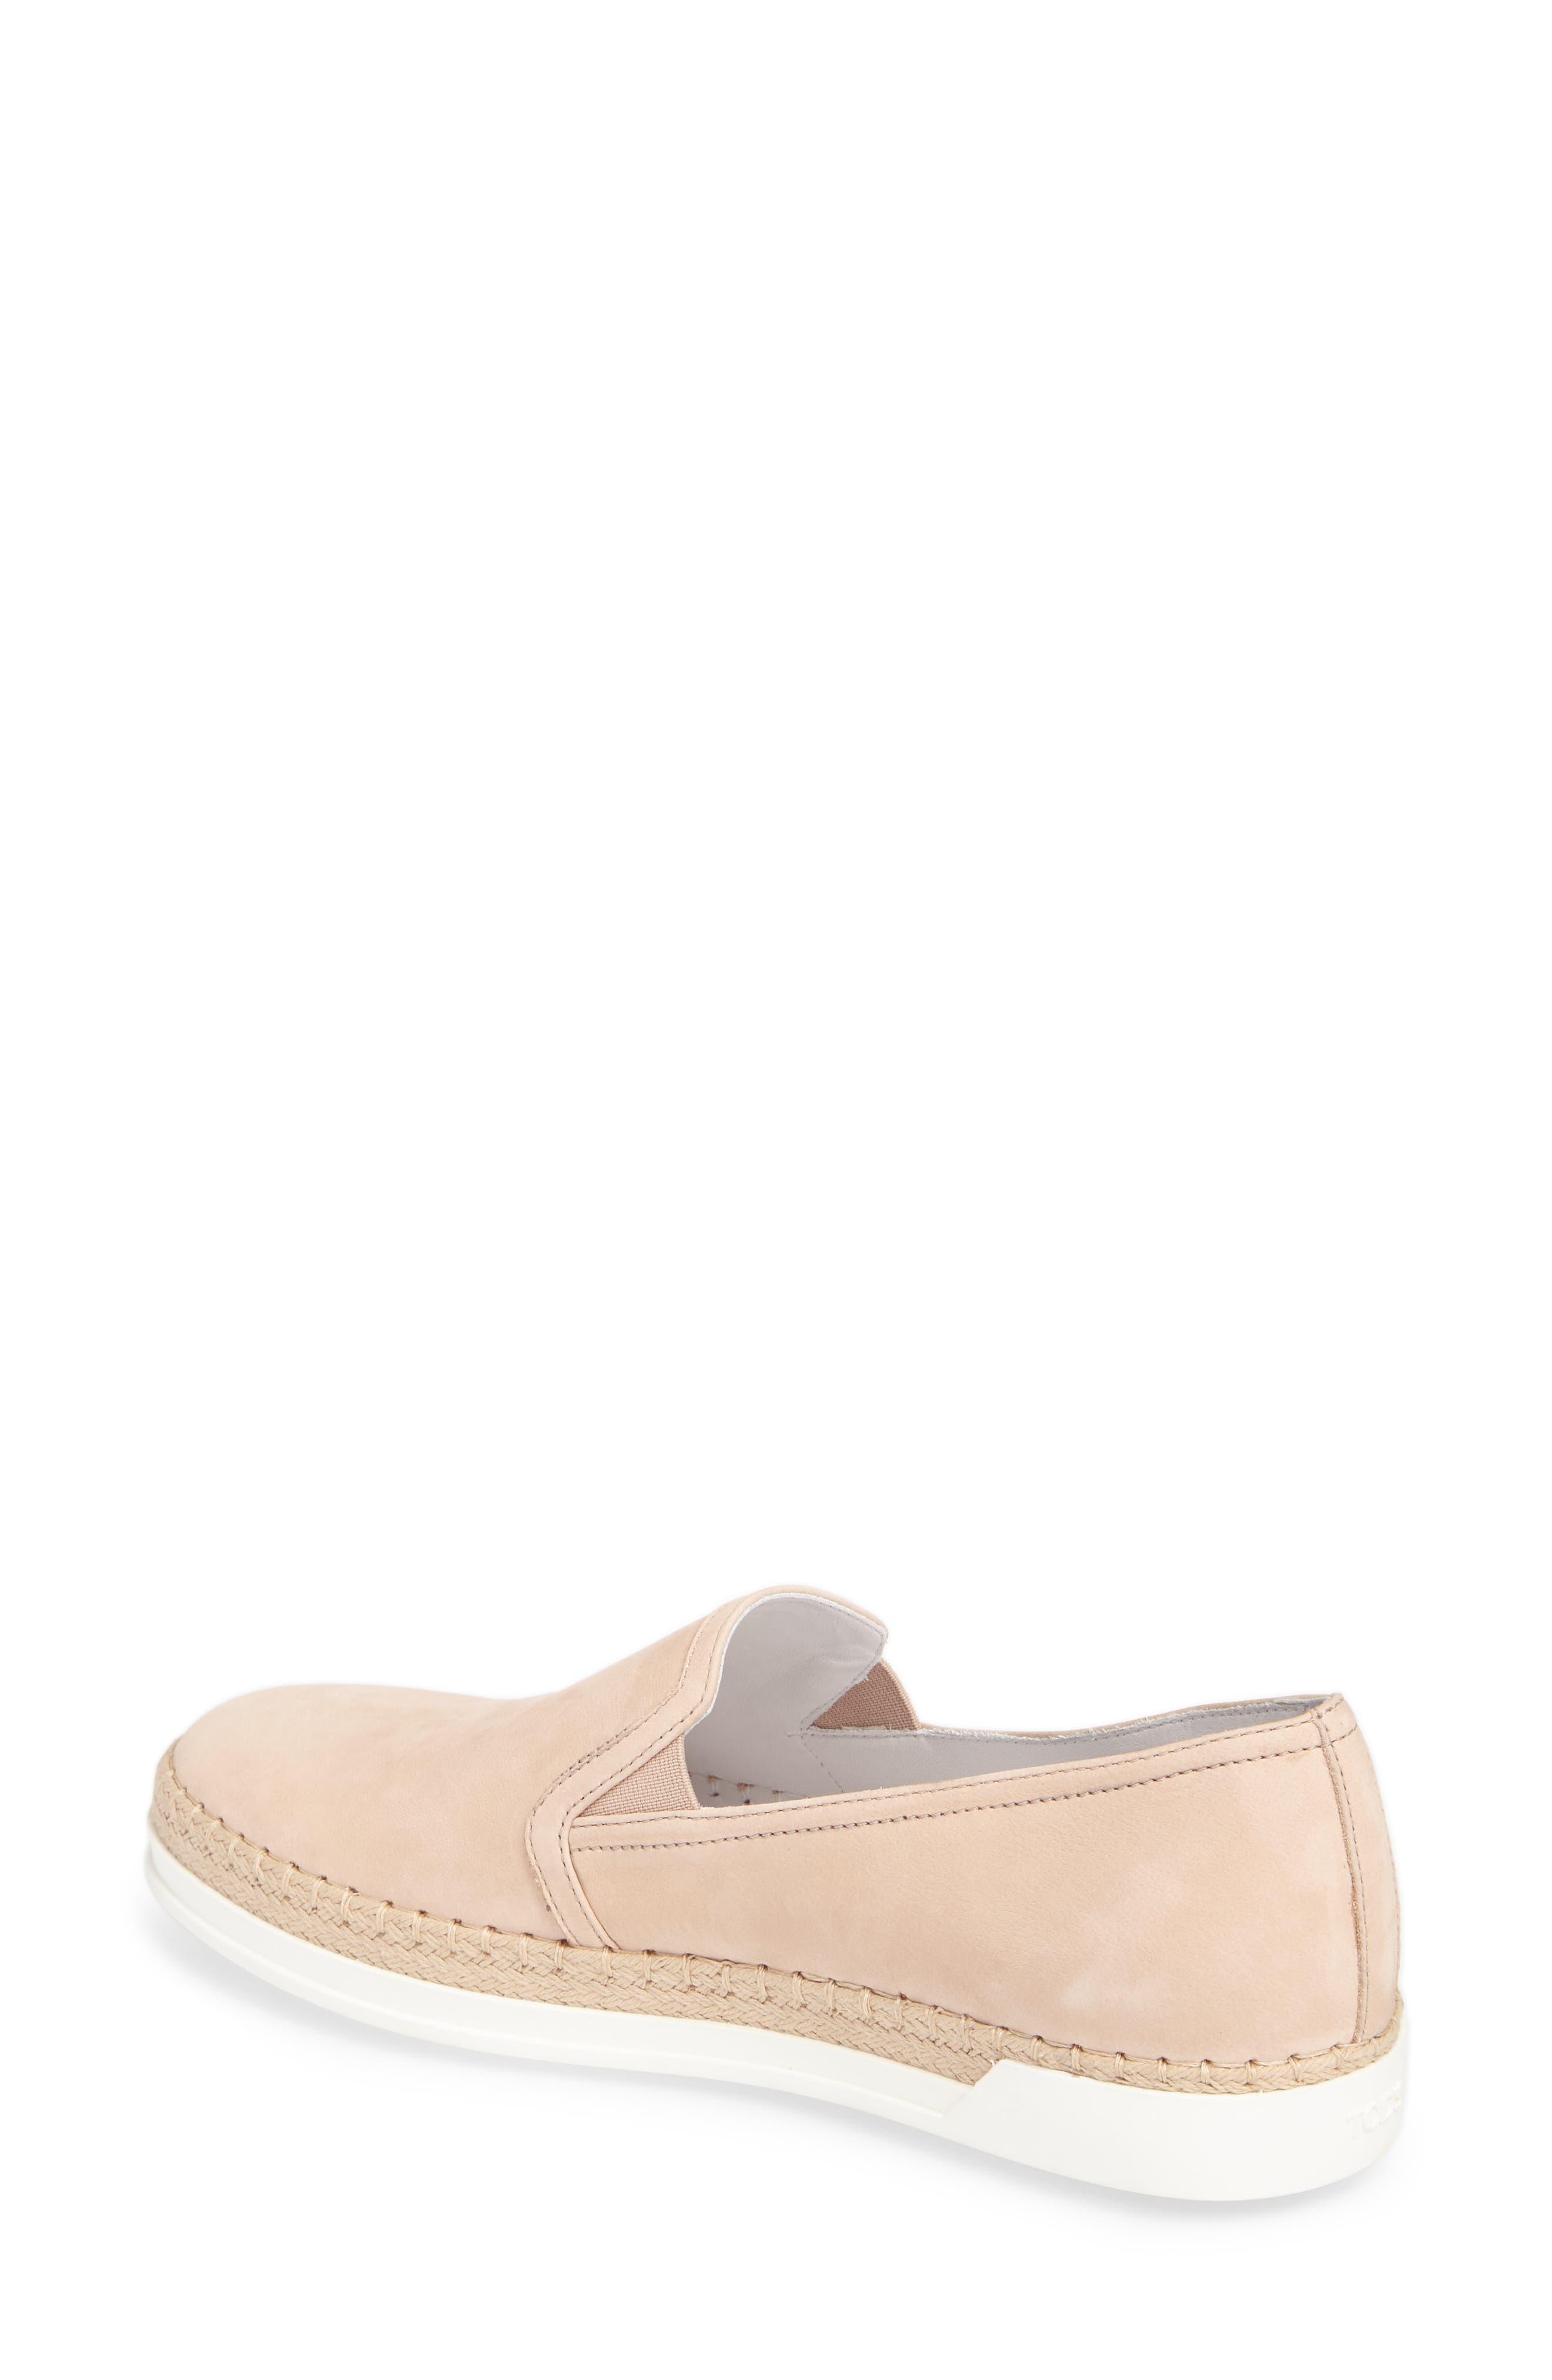 Espadrille Slip-On Sneaker,                             Alternate thumbnail 2, color,                             664